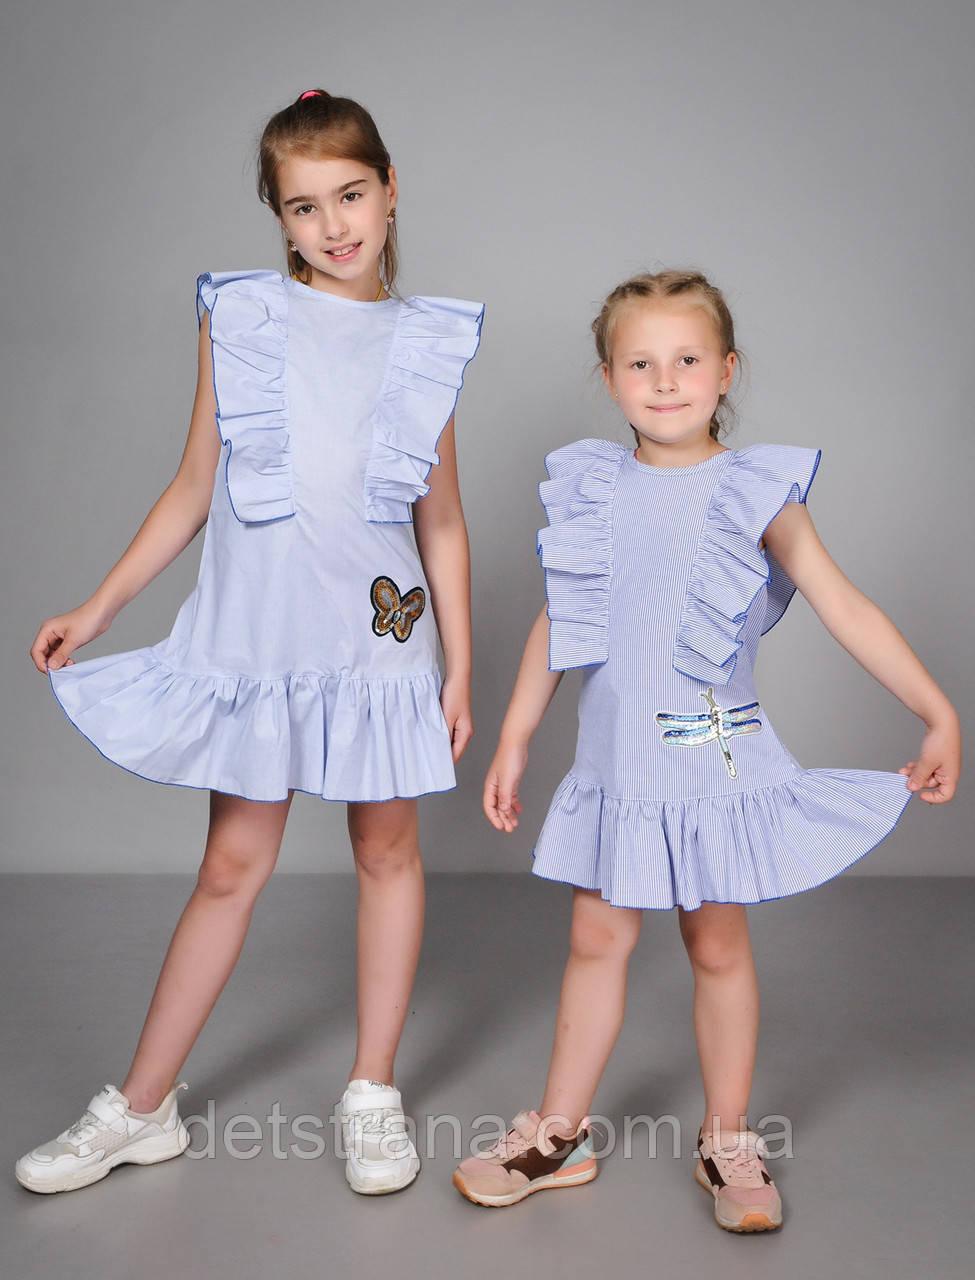 Детское летнее платье с оборочками для девочек